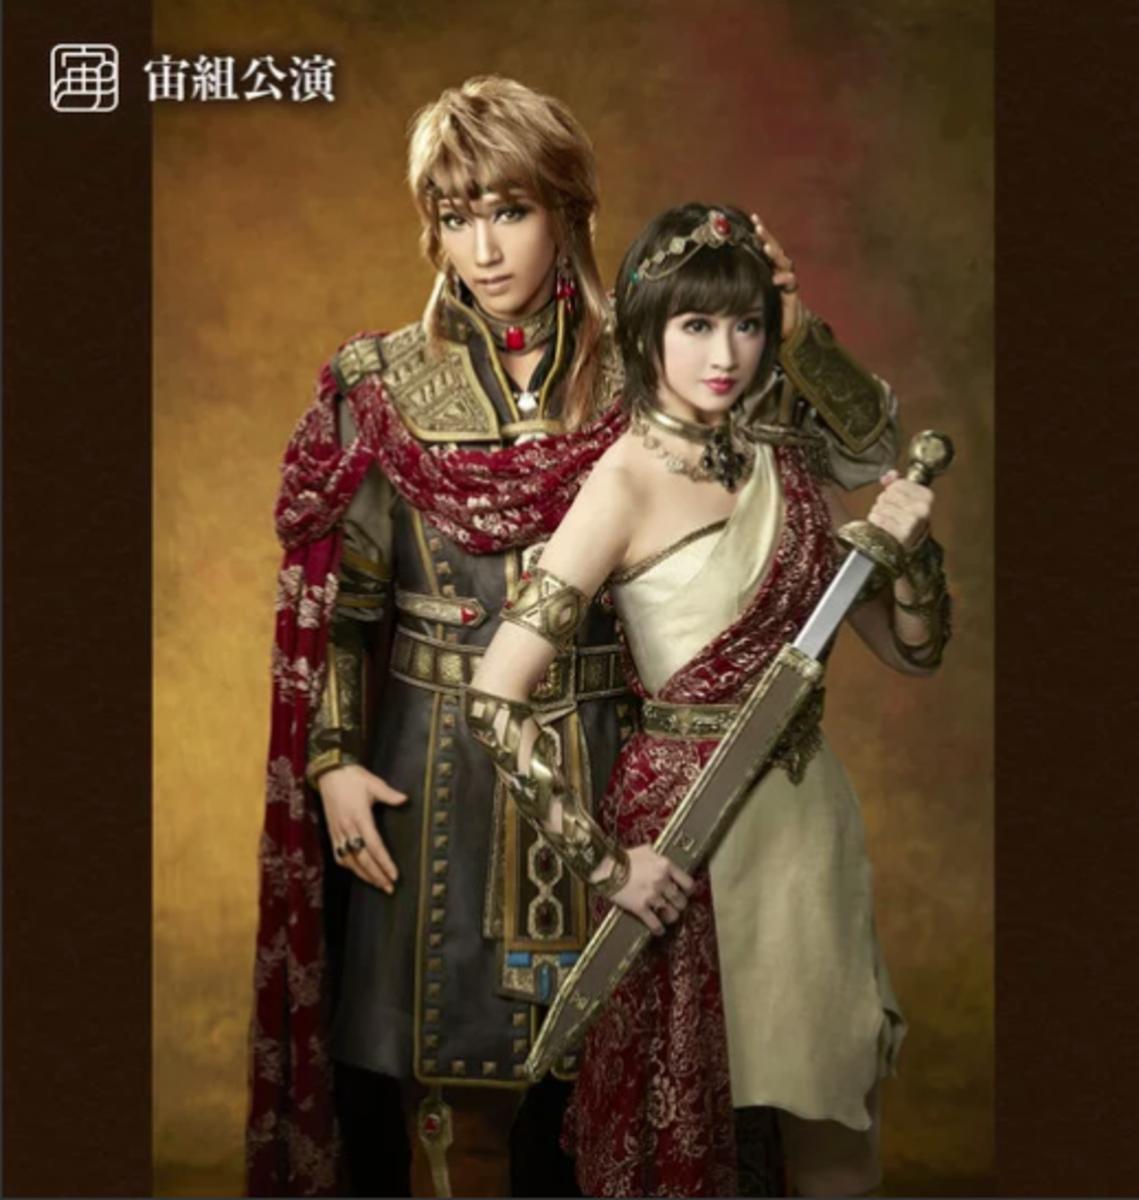 Madoka Hoshikaze as Yuri, Suzuho Makaze as Prince Kail